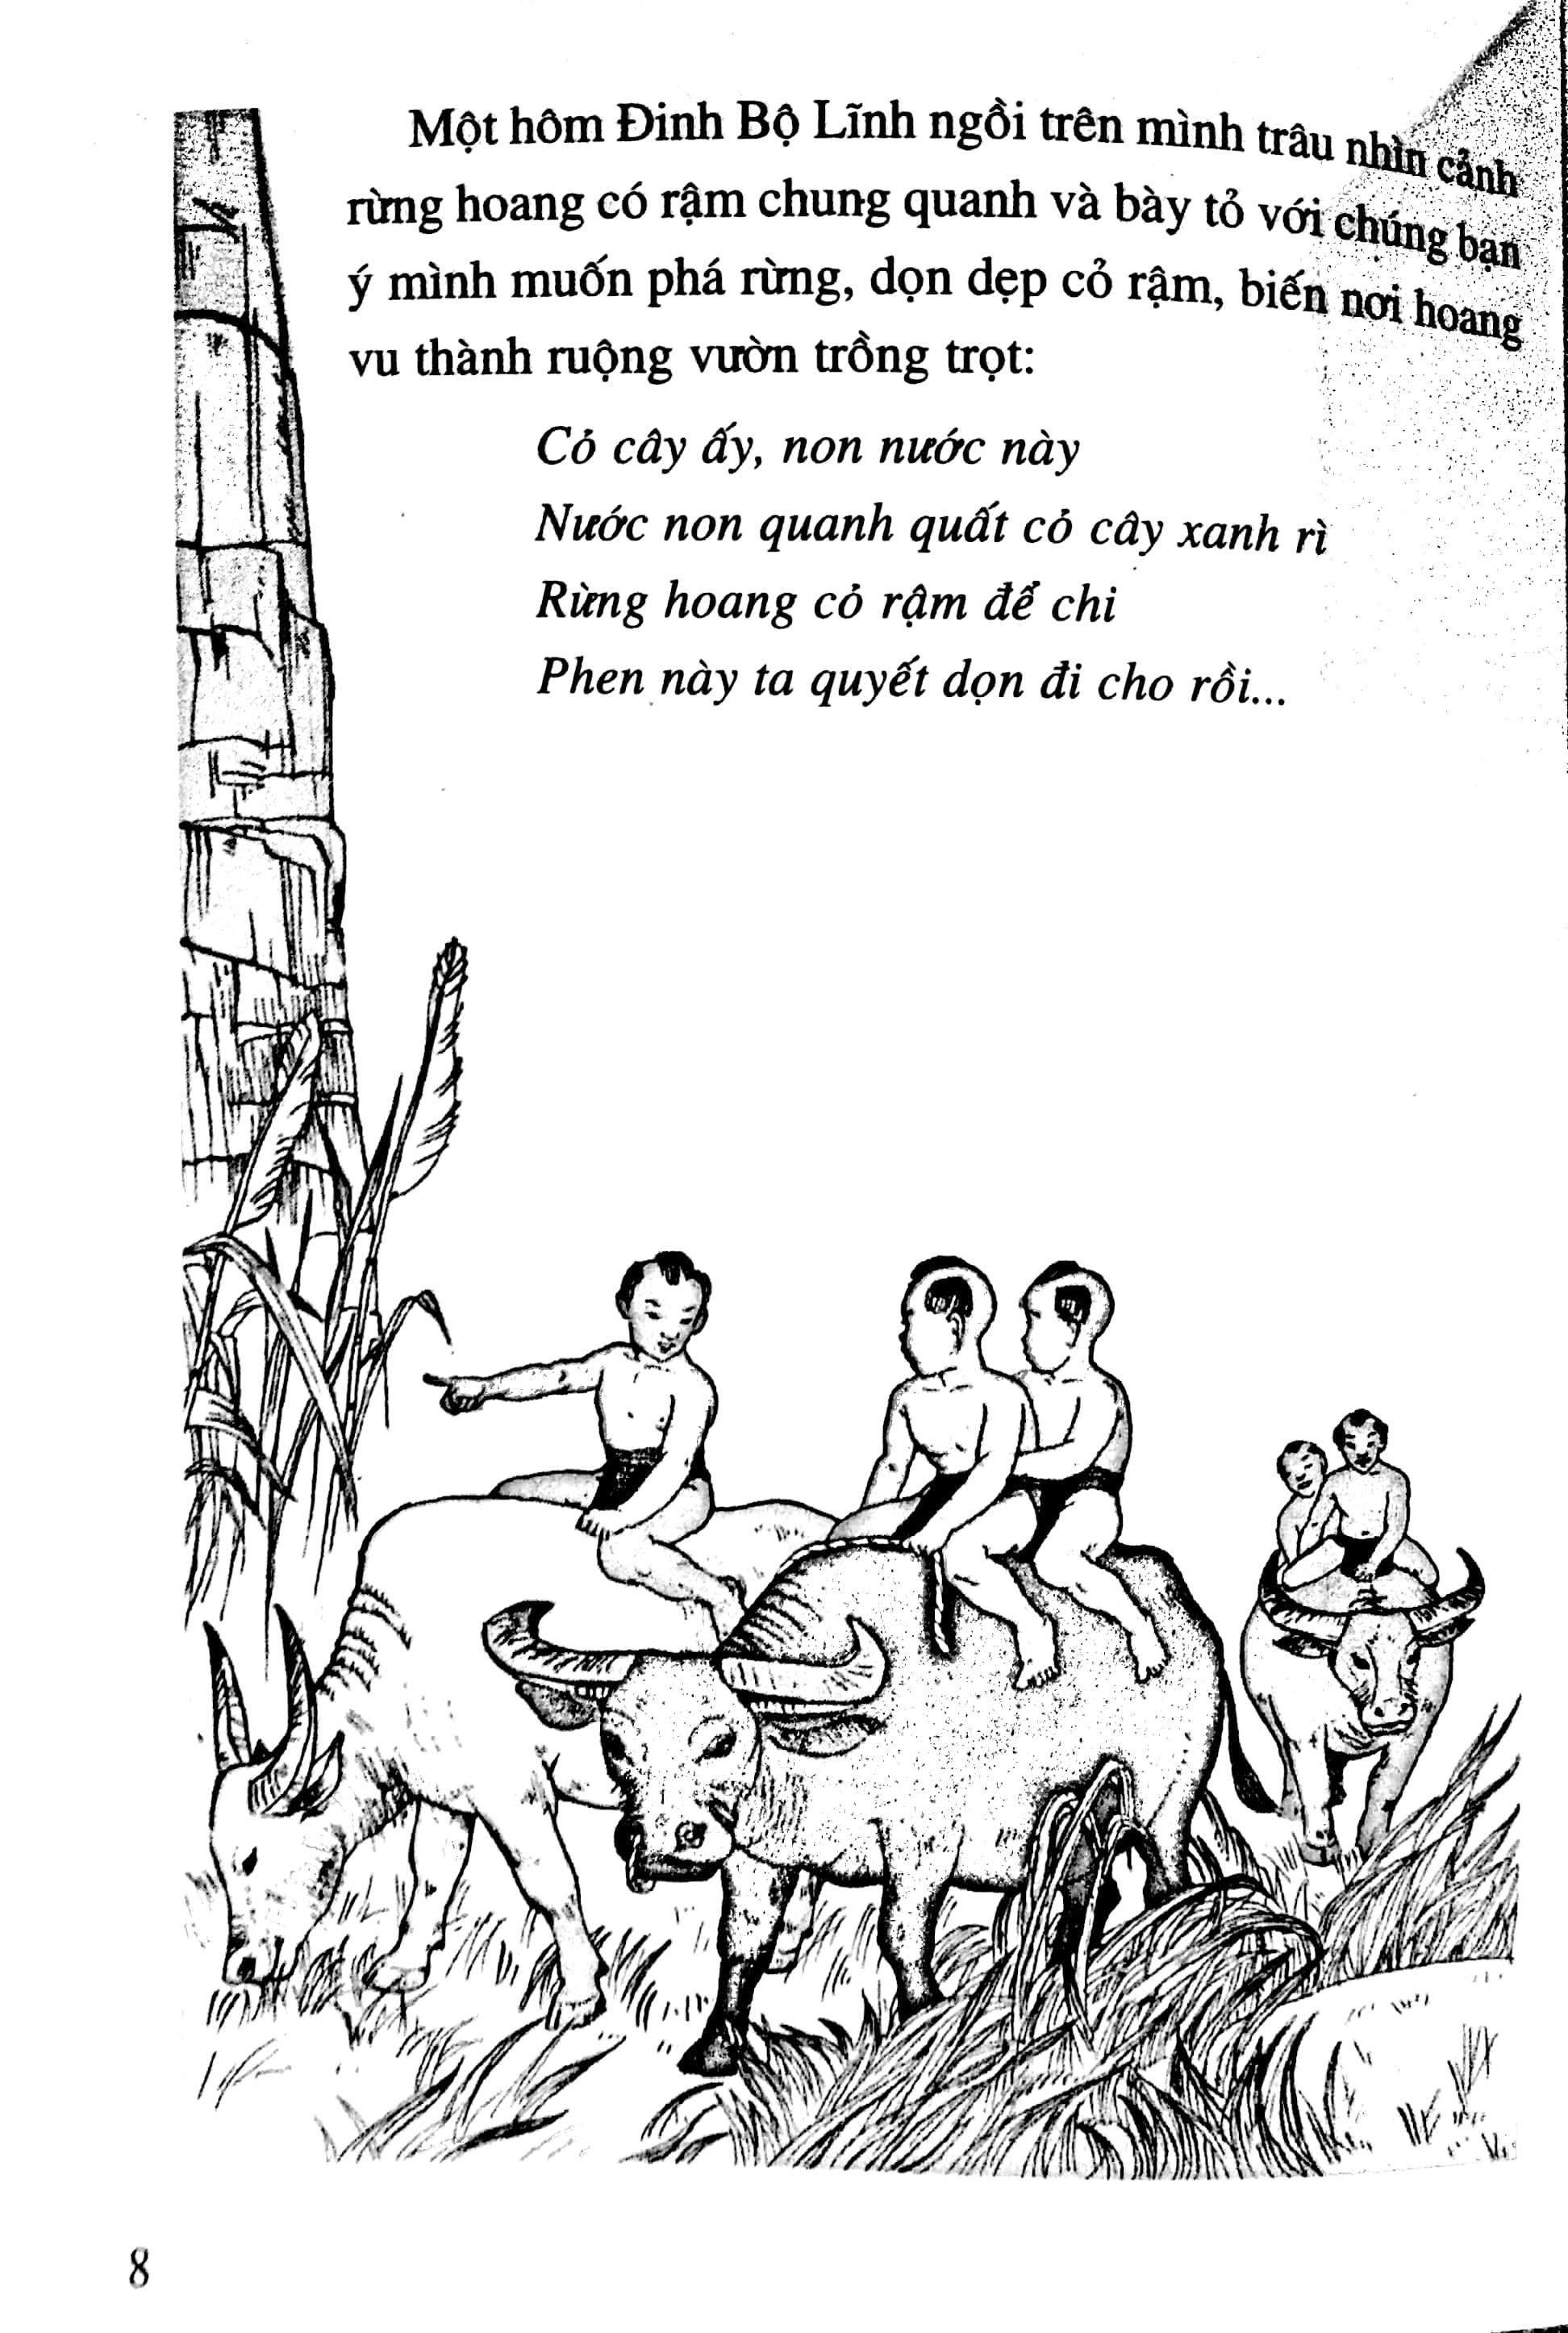 Lịch Sử Việt Nam Bằng Tranh Tập 12 - Cờ Lau Vạn Thắng Vương (Tái Bản 2018)